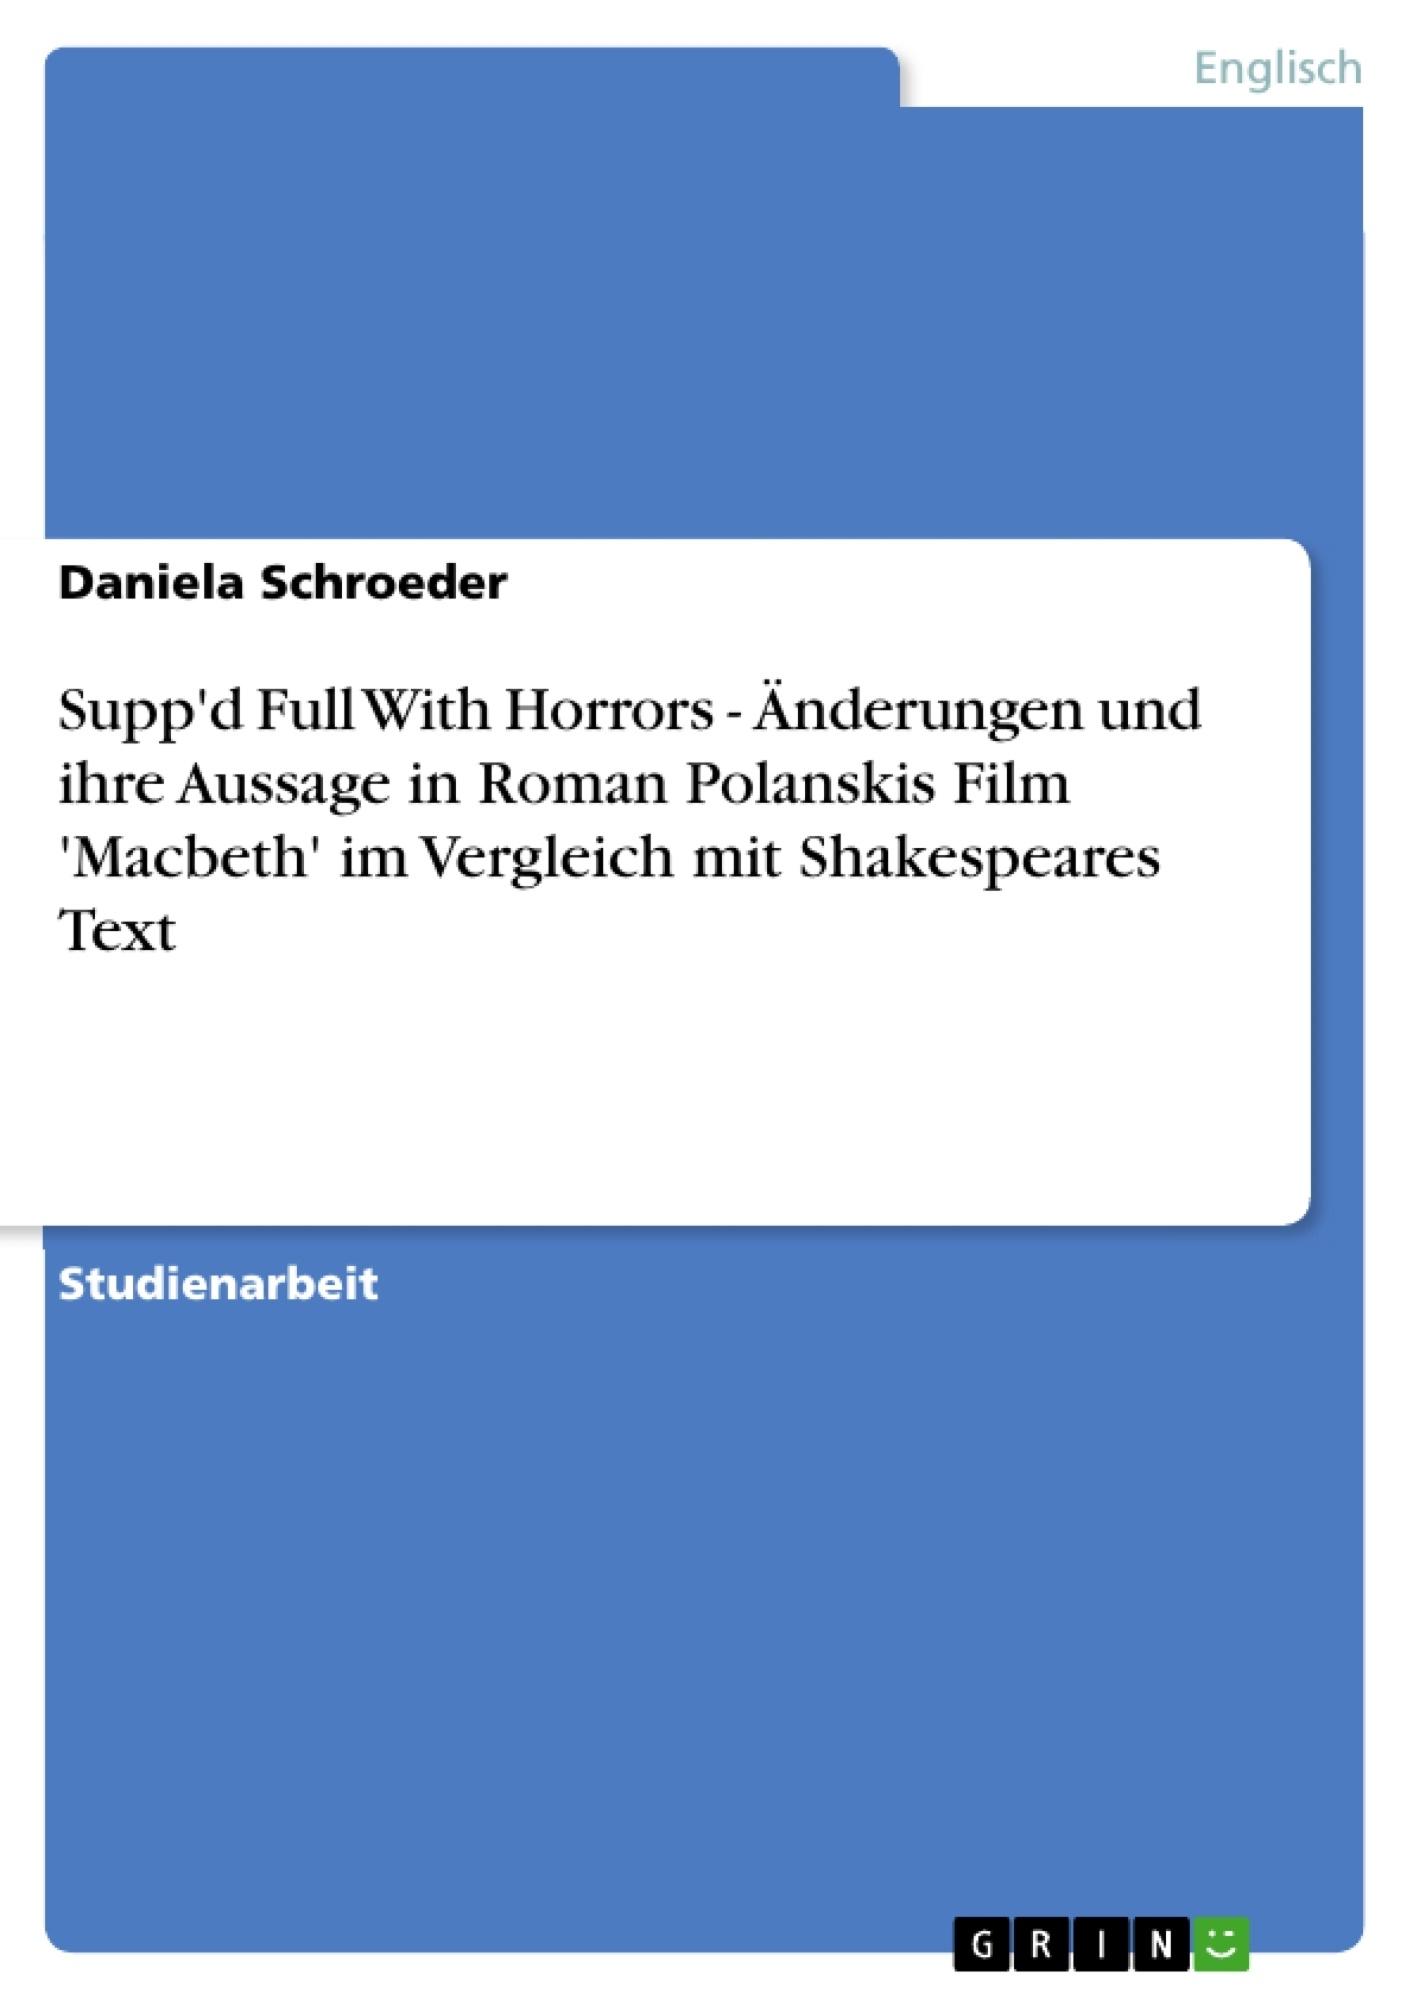 Titel: Supp'd Full With Horrors - Änderungen und ihre Aussage in Roman Polanskis Film 'Macbeth'  im Vergleich mit Shakespeares Text